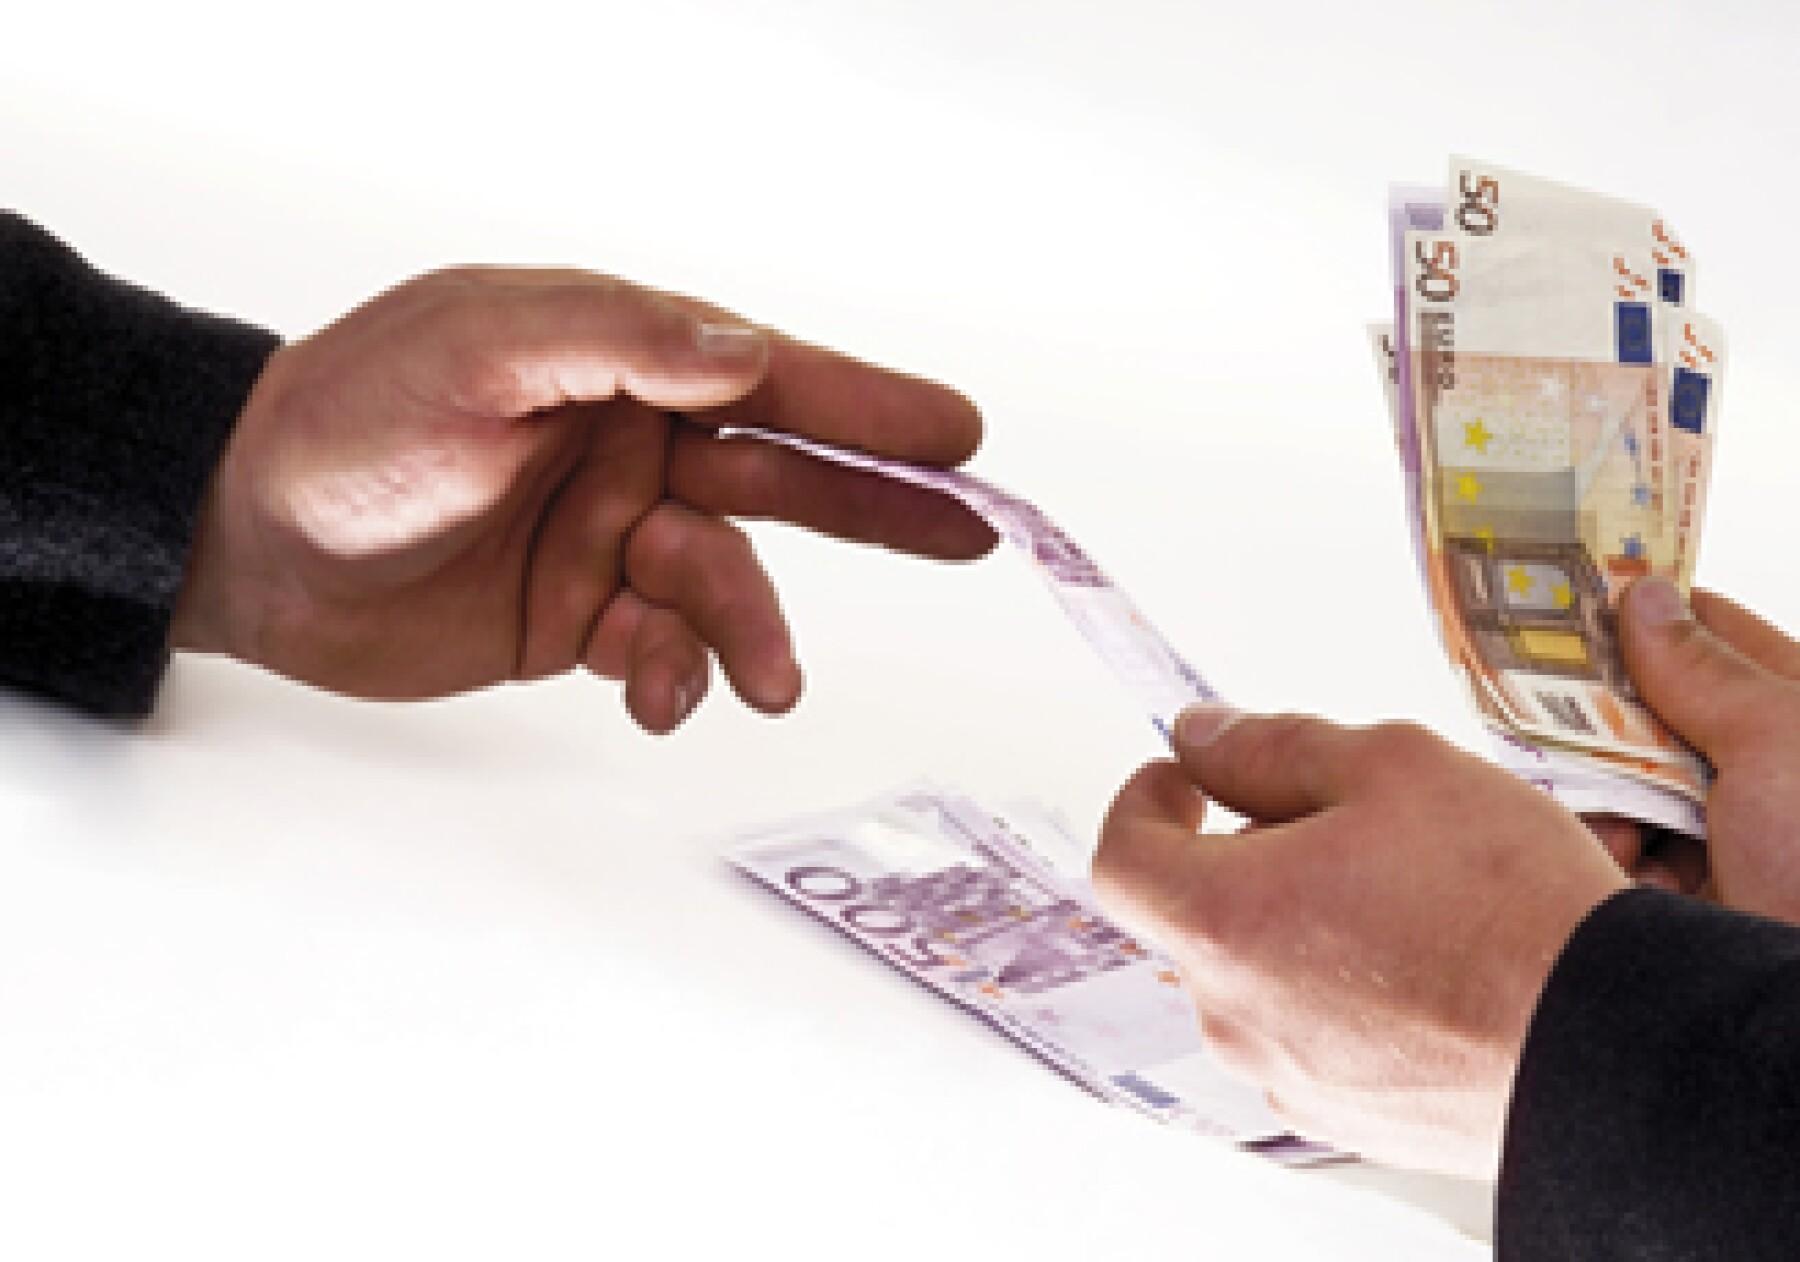 La corrupción como obstáculo del desarrollo económico es el tema que investiga el economista holandés Joel Mokyr. (Foto: Photos to go)